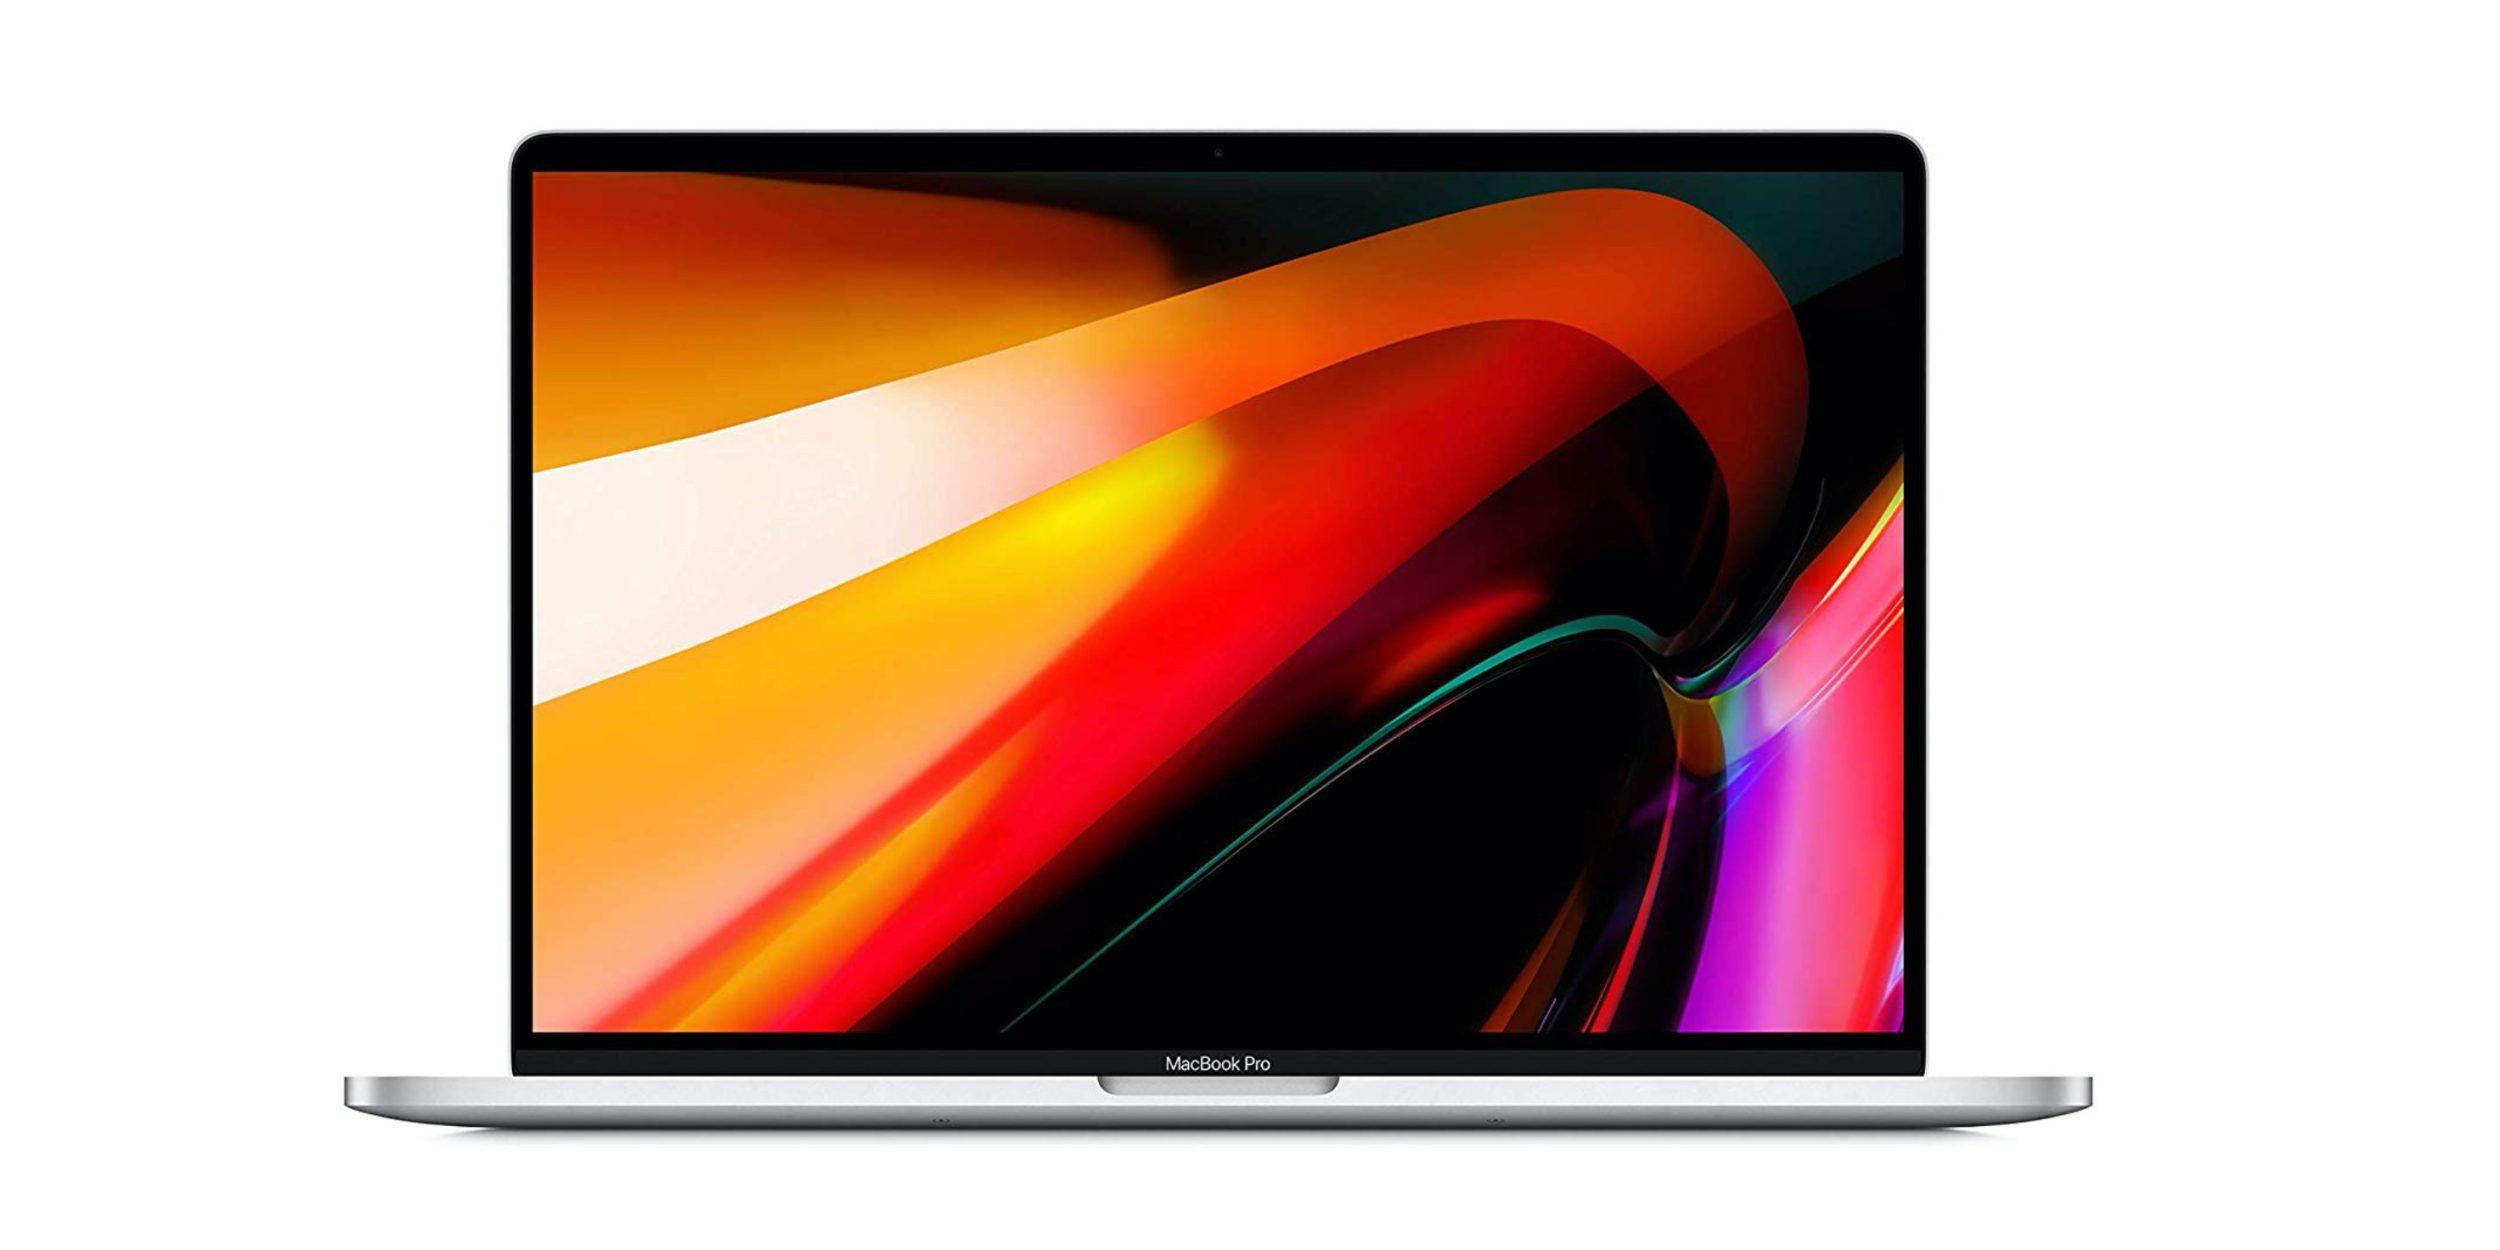 蘋果今年底或發布首款ARM架構的Mac電腦